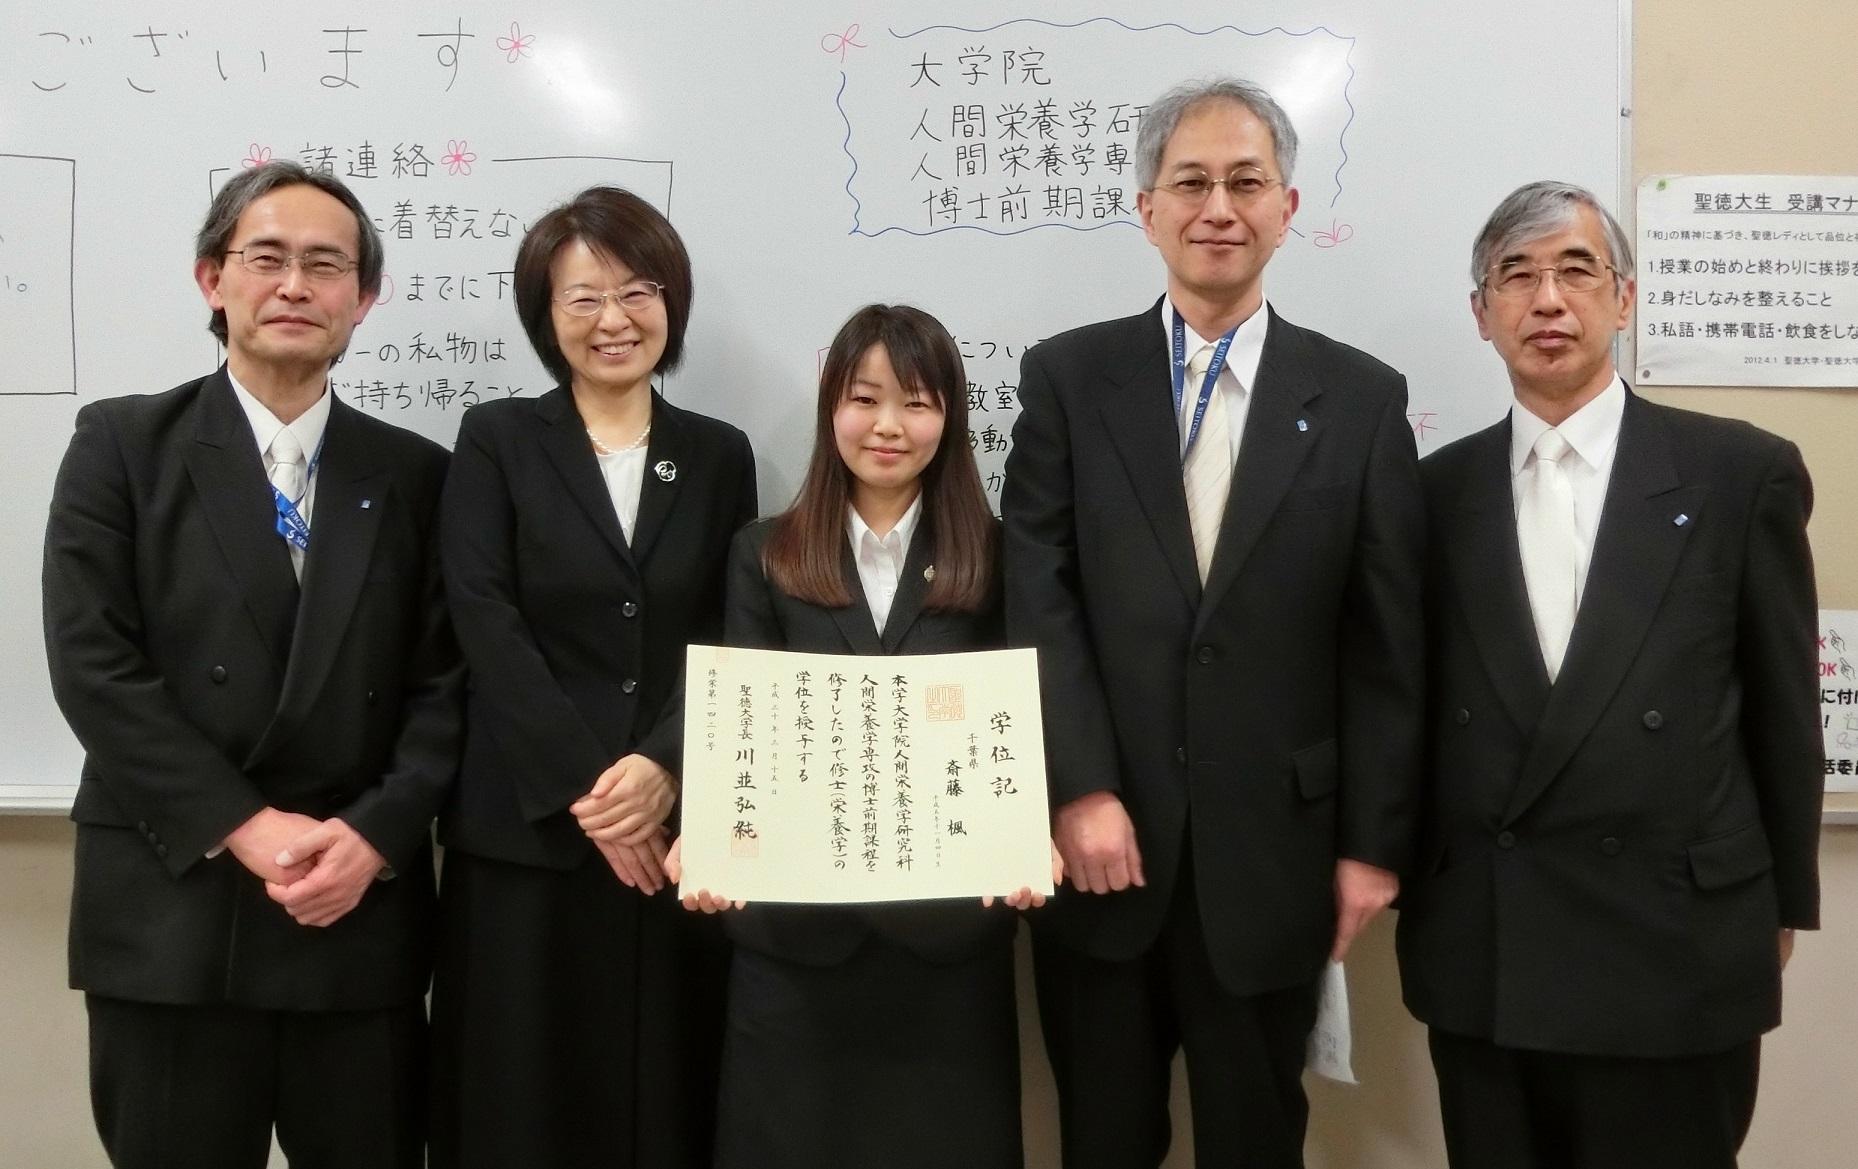 基礎栄養学研究室の大学院生が修了しました(*^▽^*)